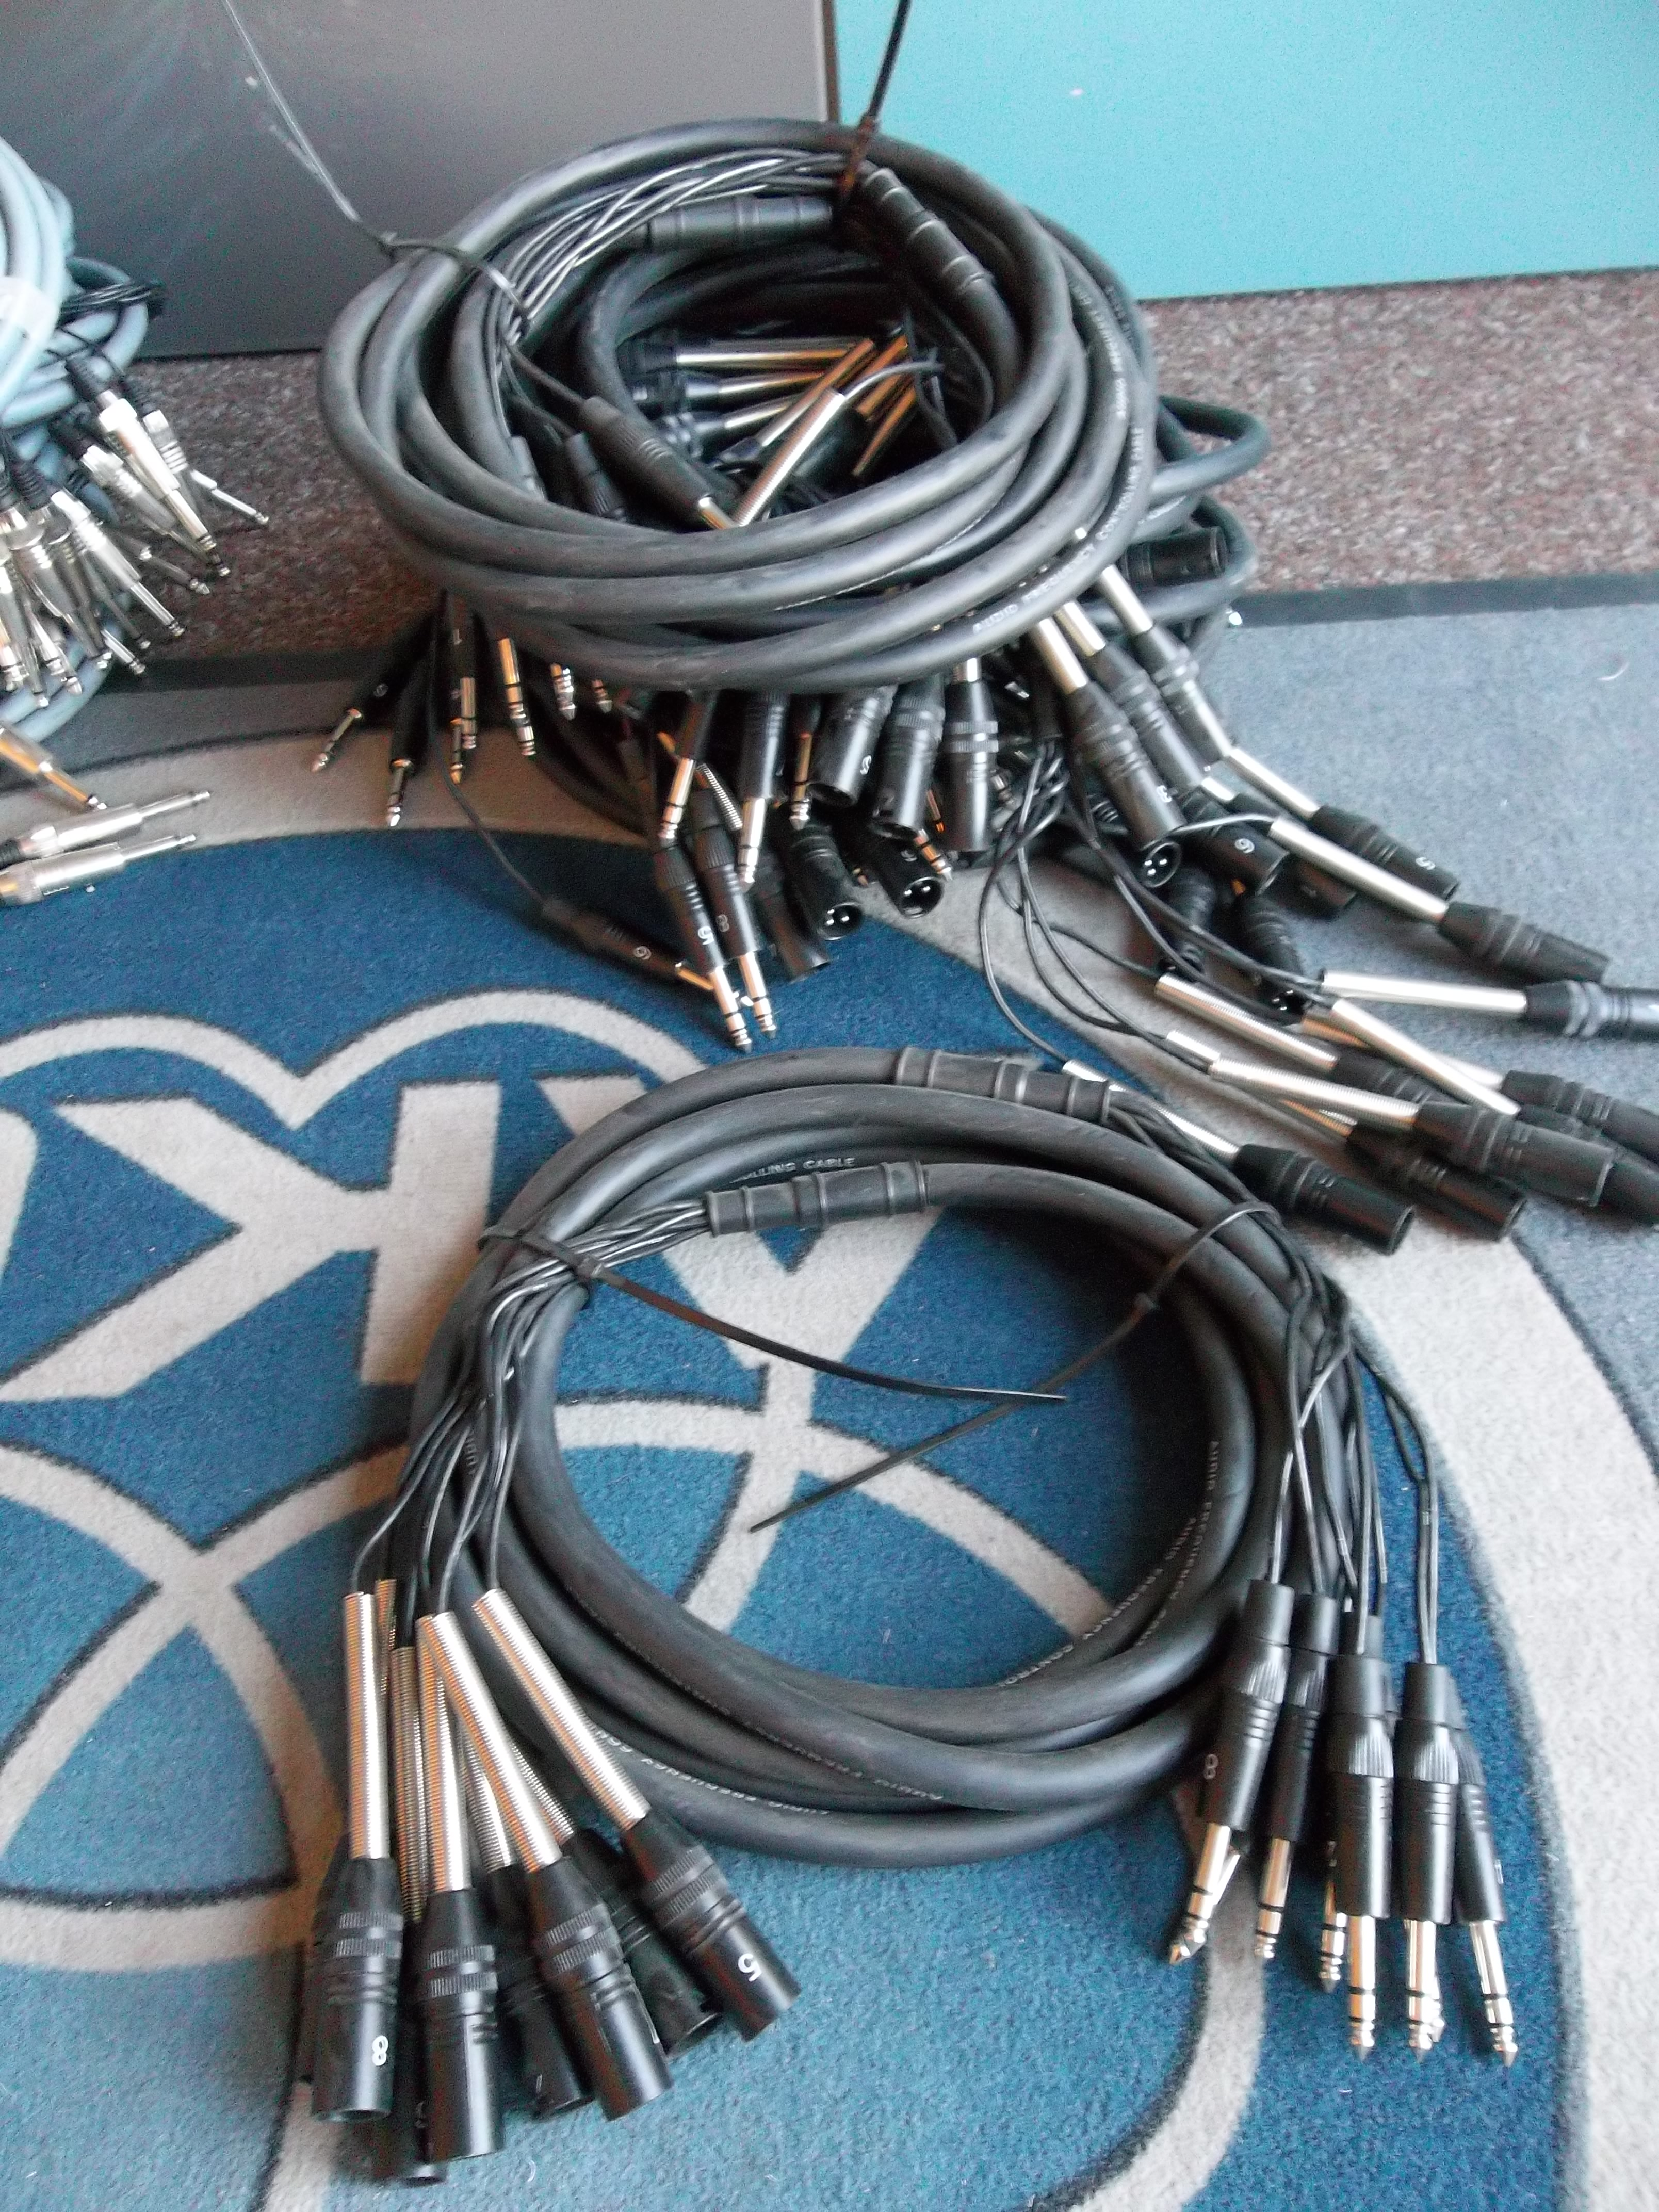 Ziemlich Wie Man Elektrisches Kabel Anschließt Galerie - Der ...